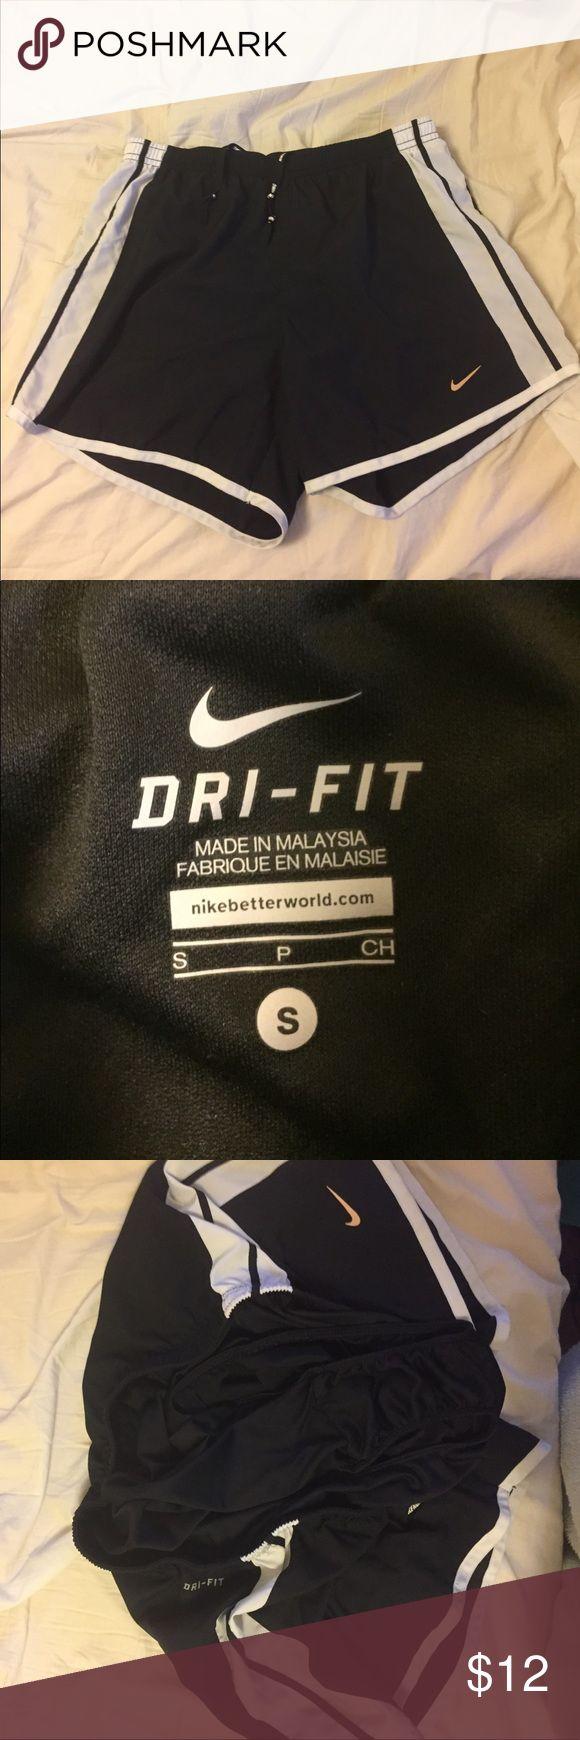 Black Nike shorts Gently used Nike Shorts